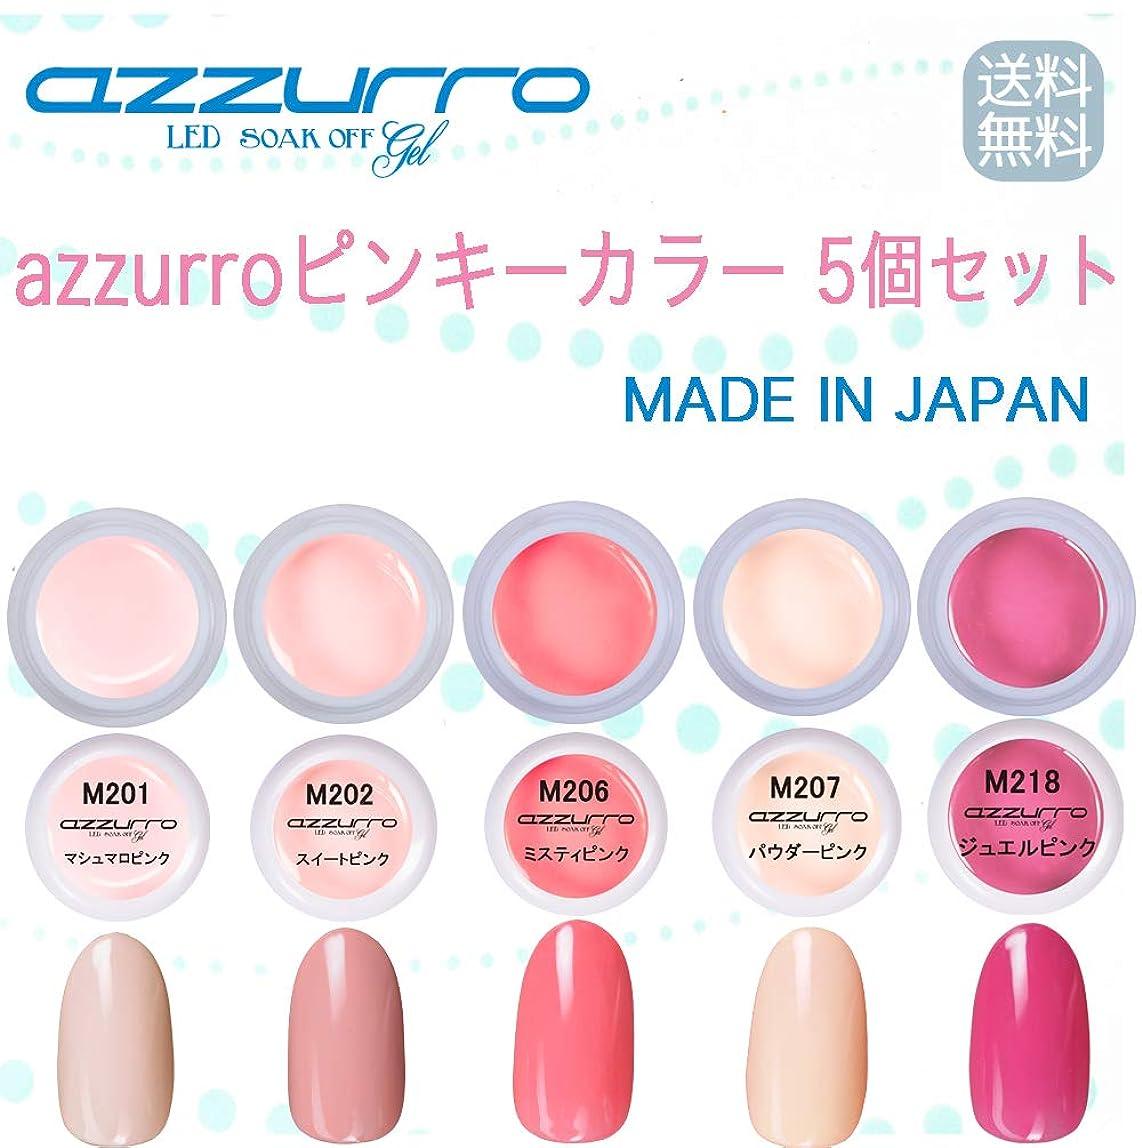 さようなら伝導率人口【送料無料】日本製 azzurro gel ピンキーカラー ジェル5個セット ネイルのマストアイテムピンキーカラー